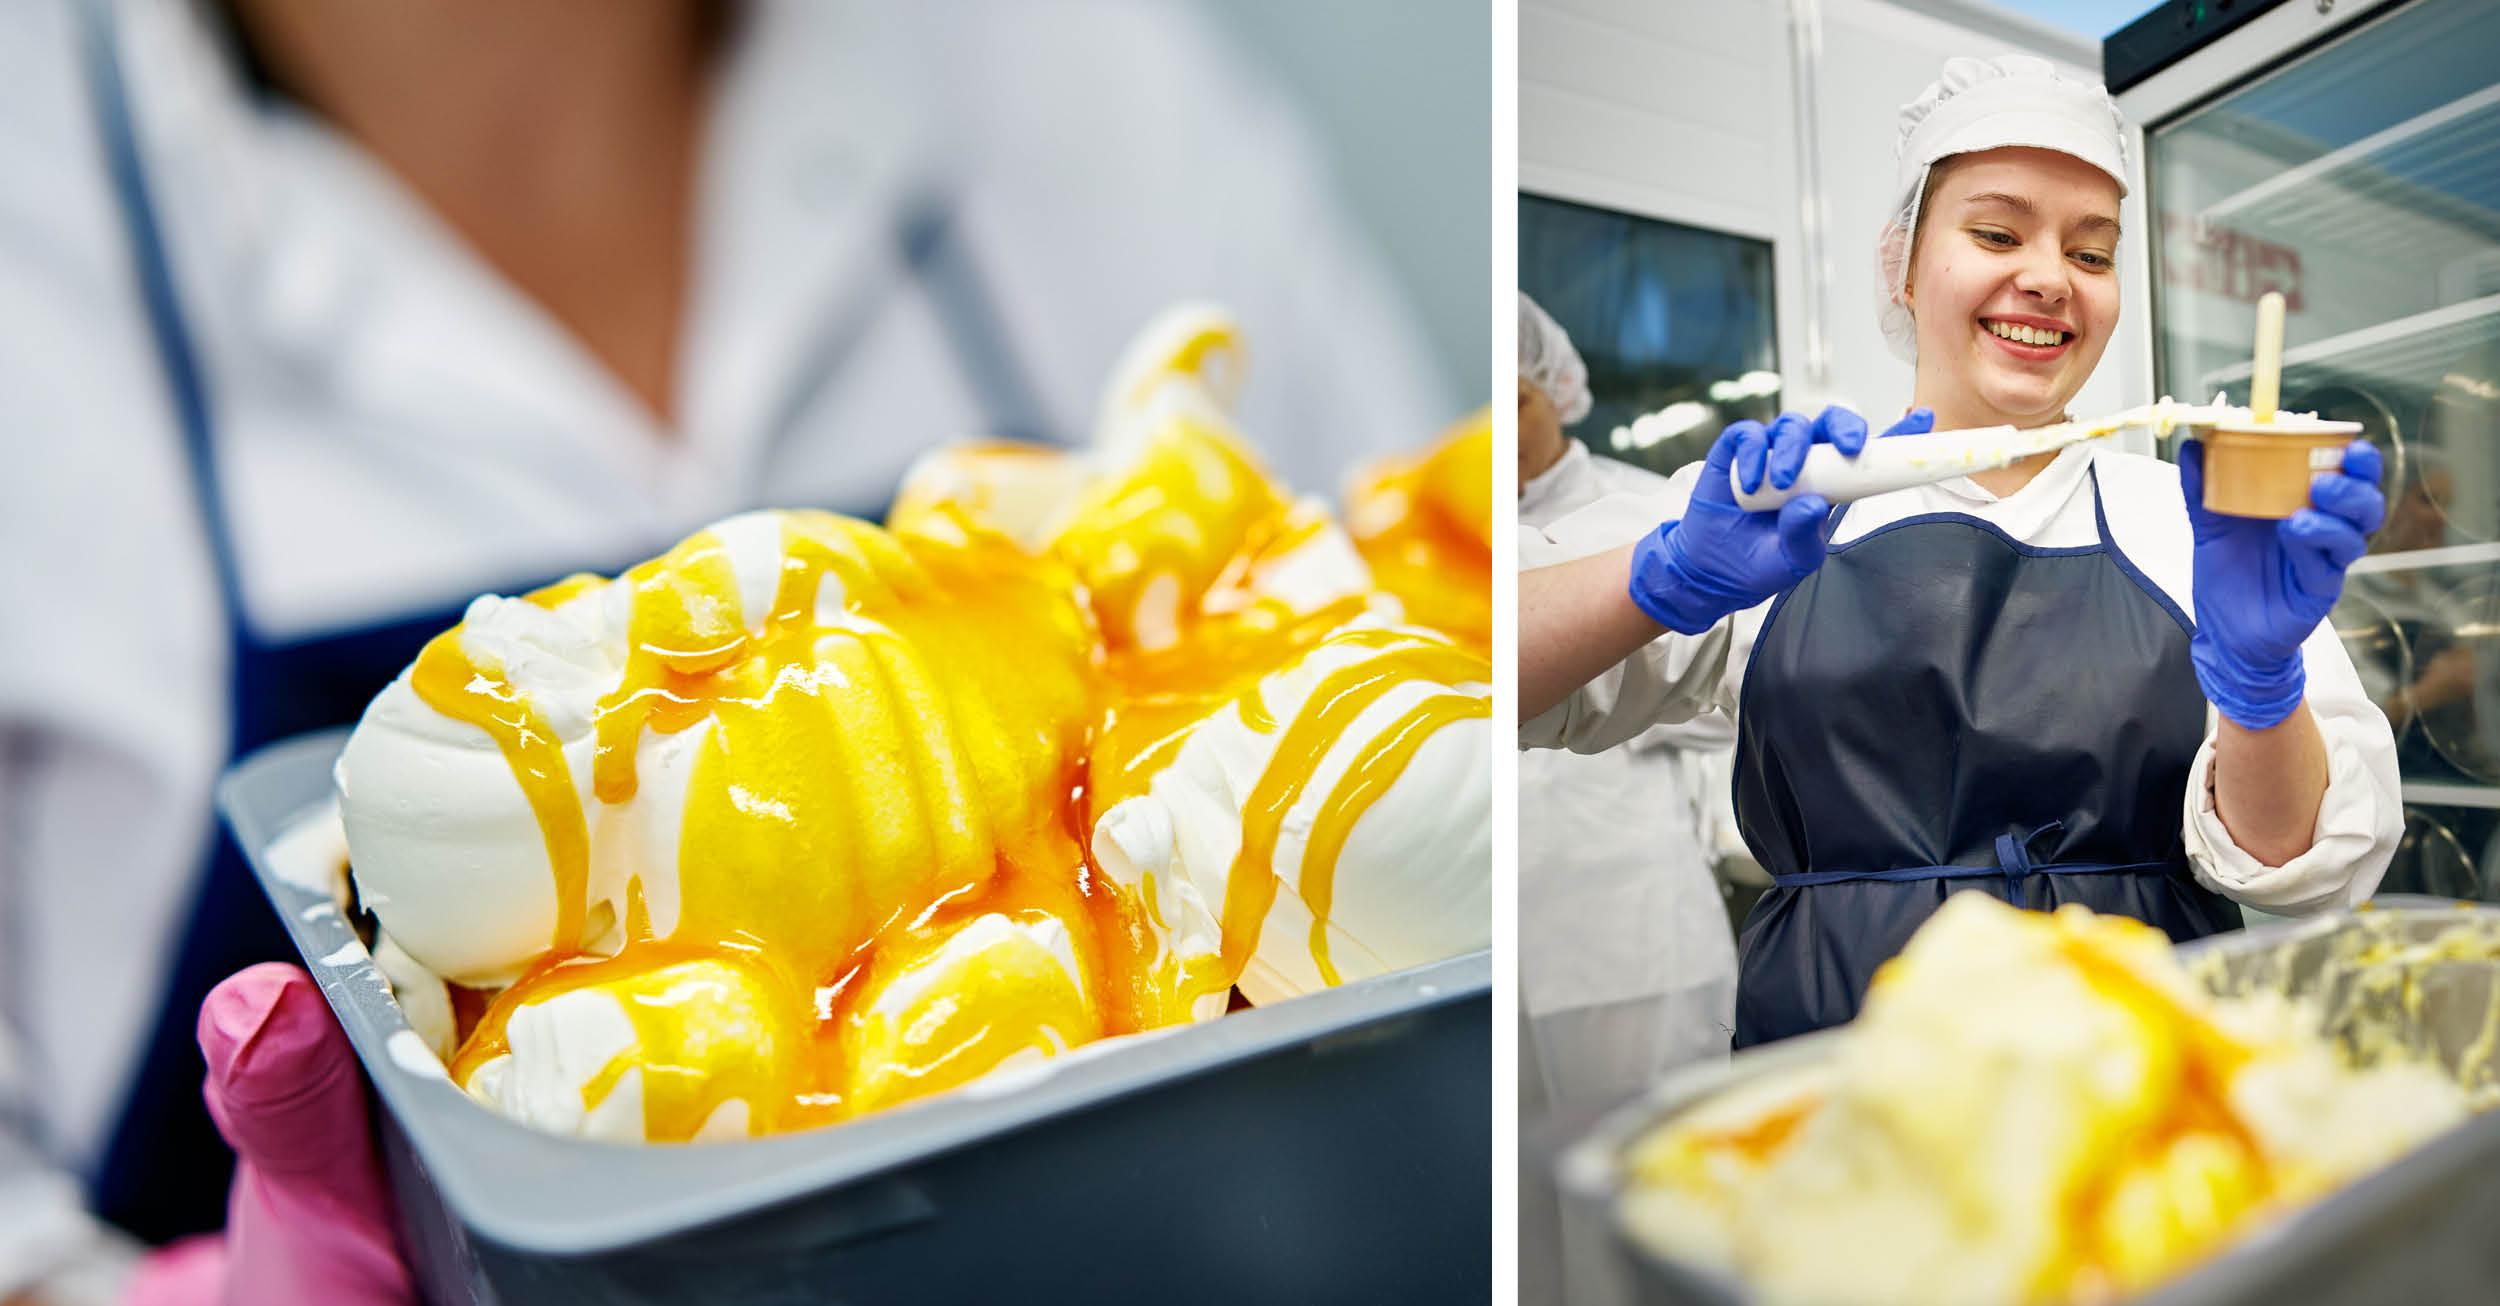 Jäätelön valmistus osaksi OSAO Kaukovainion palvelut -yksikön elintarvikealan perustutkinnon opintoja